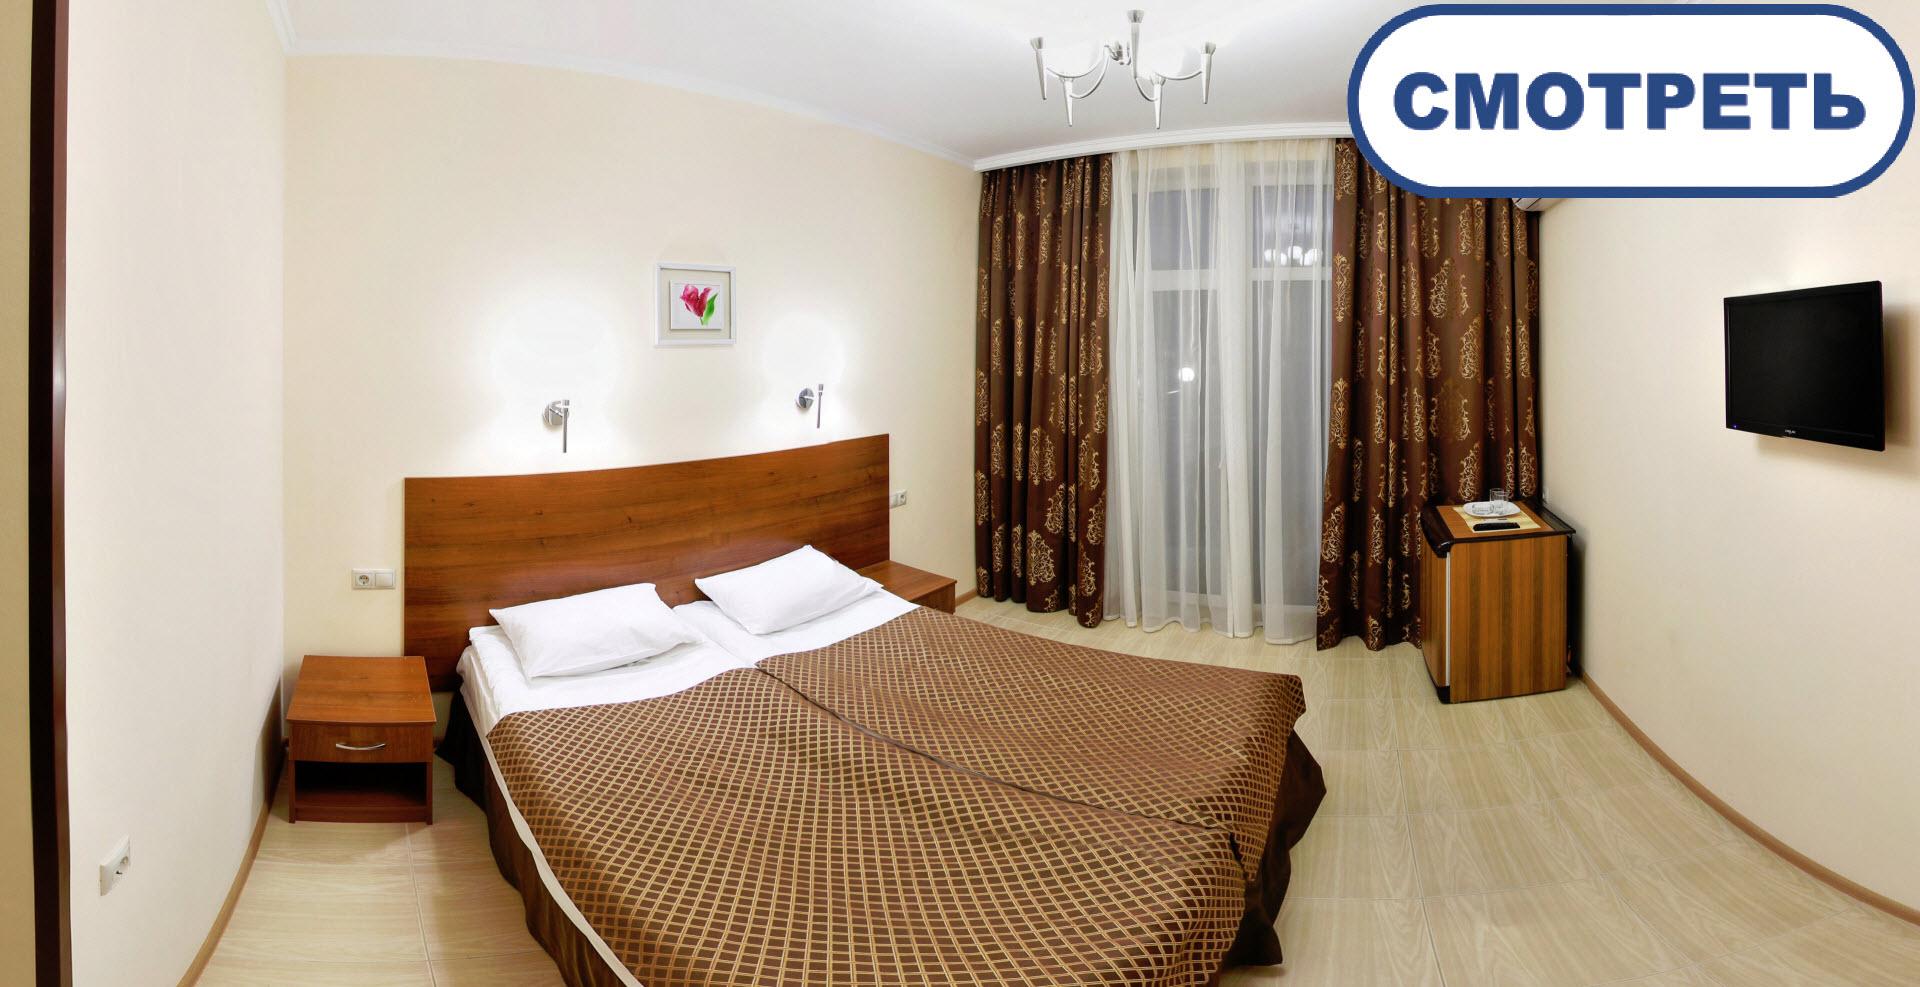 фото отеля калипсо в лазаревском официальный сайт преимущества